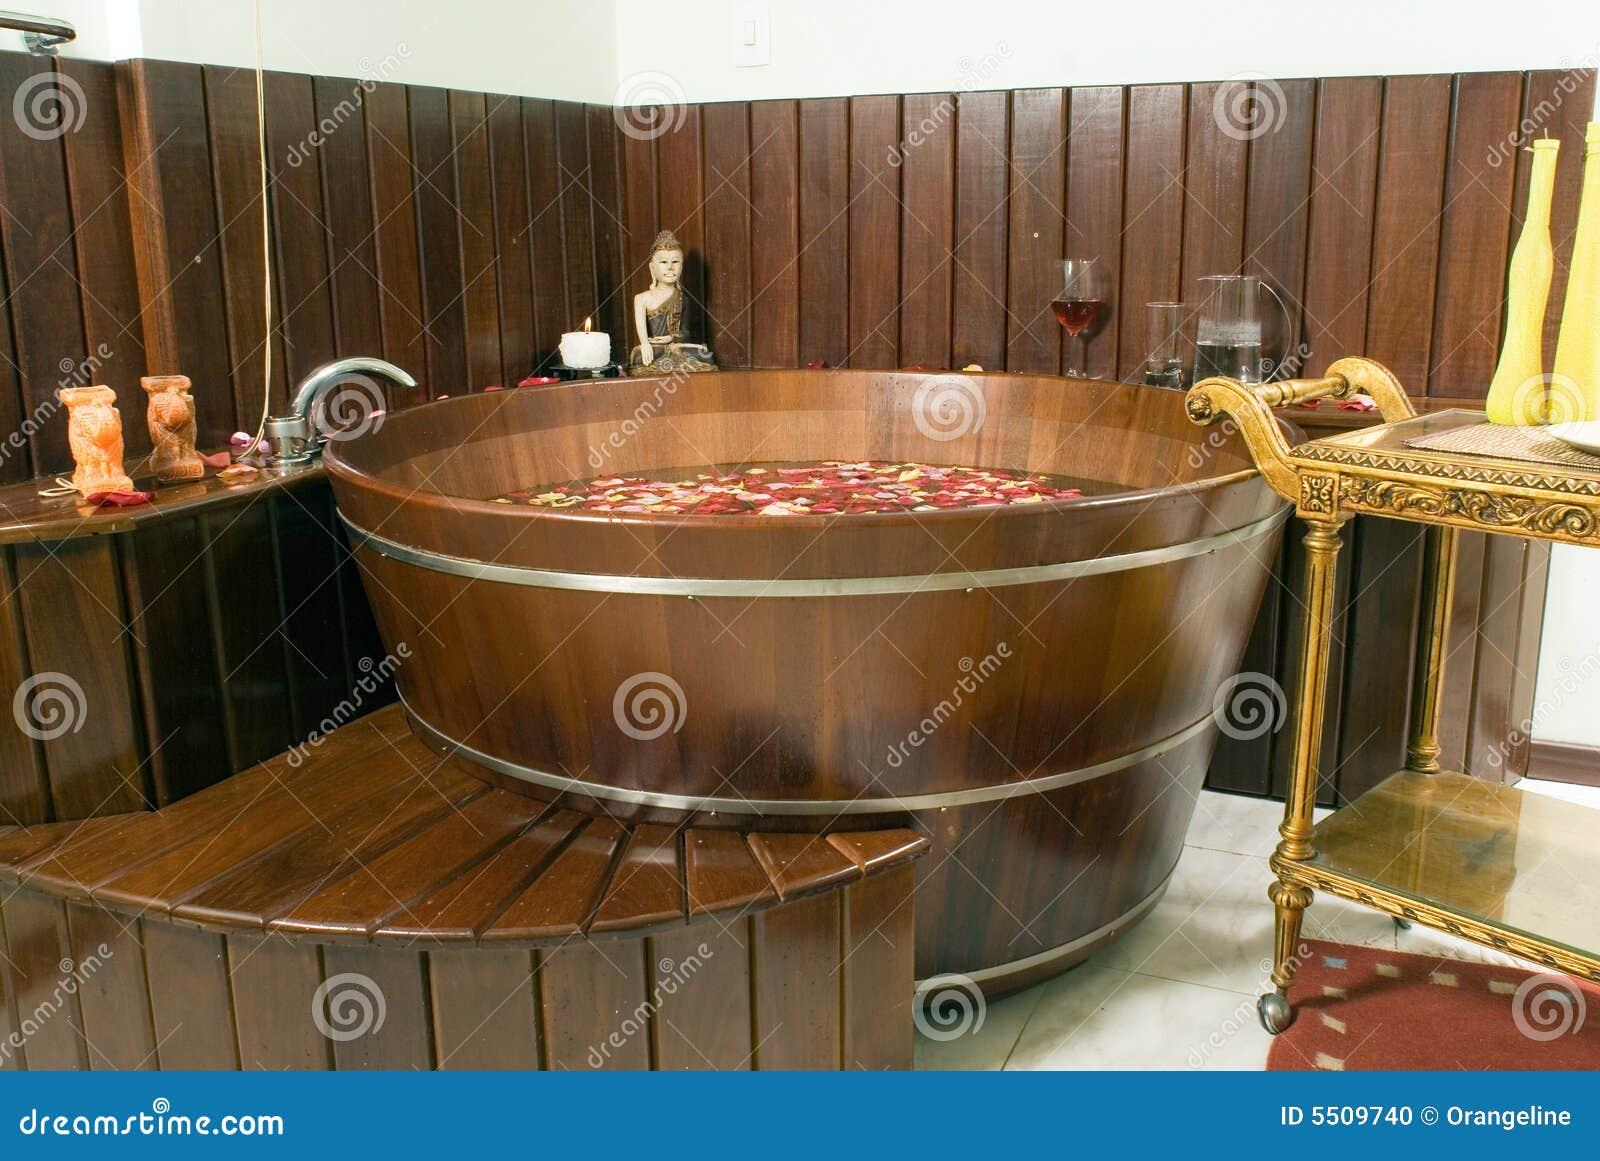 Vasche Da Bagno Water : Vasche da bagno water rubinetteria a parete per vasca da bagno a